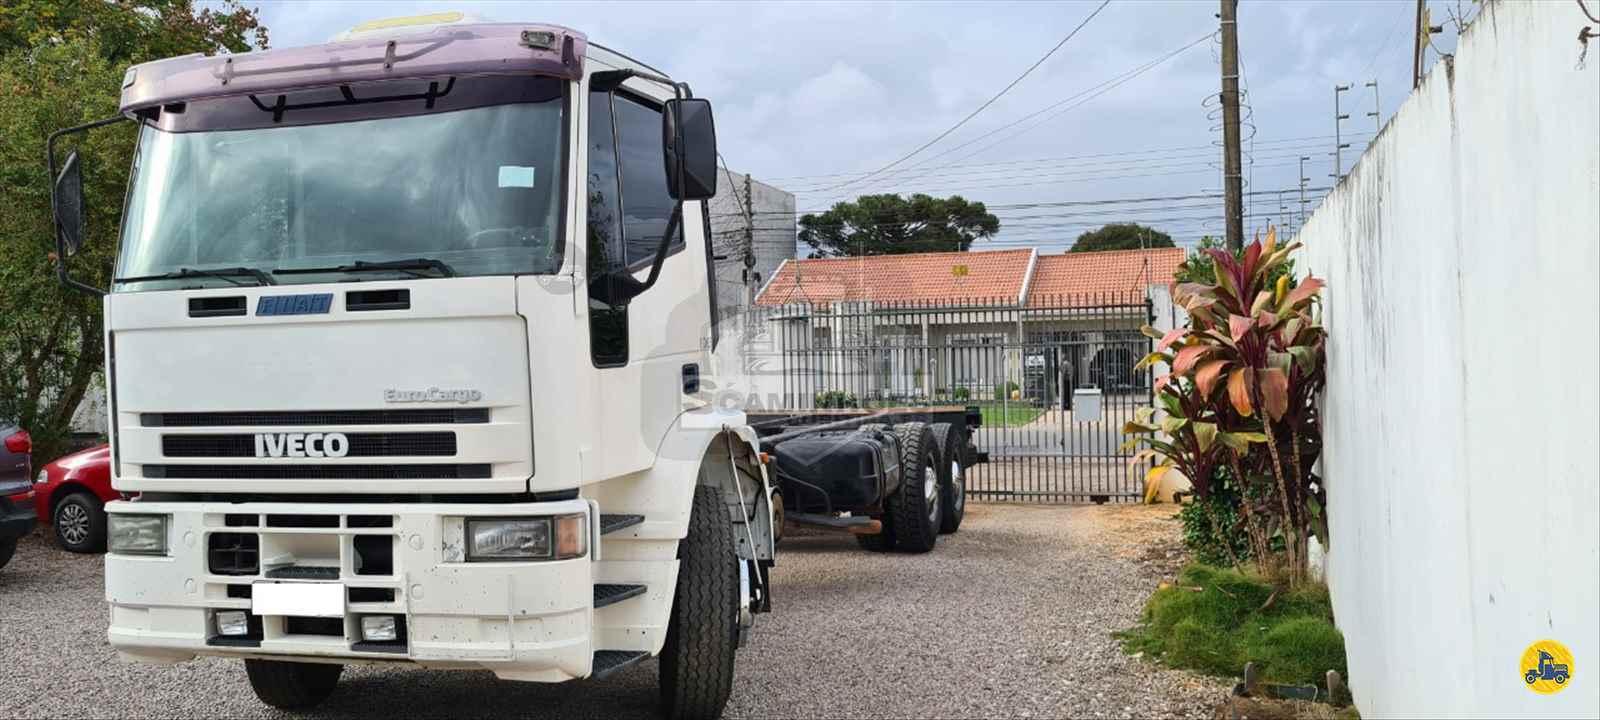 CAMINHAO IVECO EUROCARGO 160E21 Chassis Truck 6x2 Só Caminhões Curitiba CURITIBA PARANÁ PR